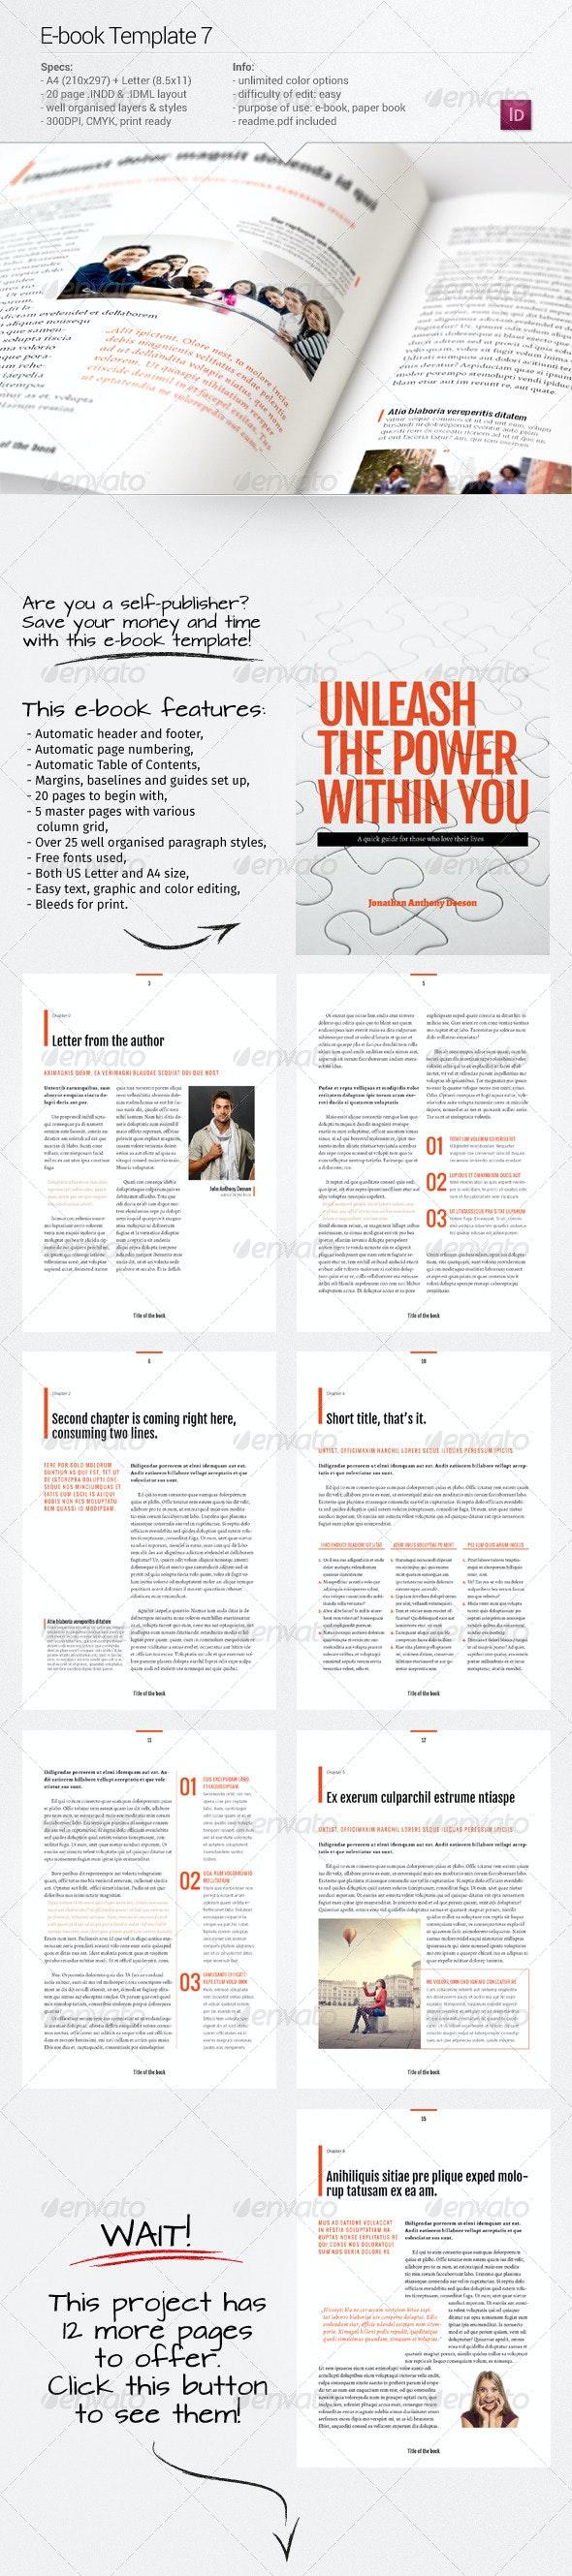 E-book Template 7